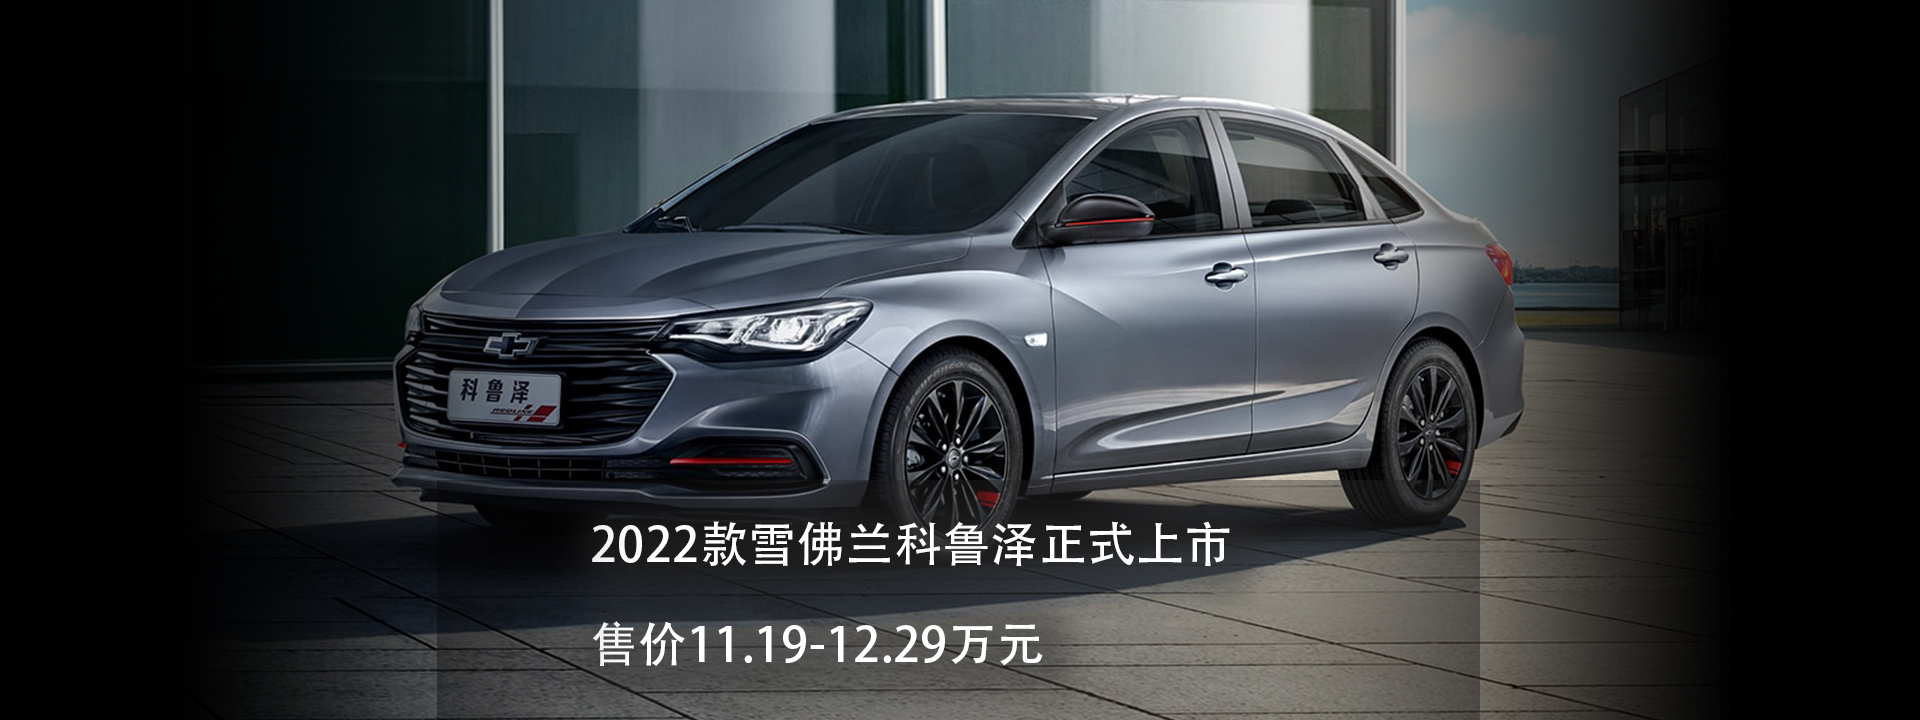 2022款雪佛兰科鲁泽正式上市 售价11.19-12.29万元